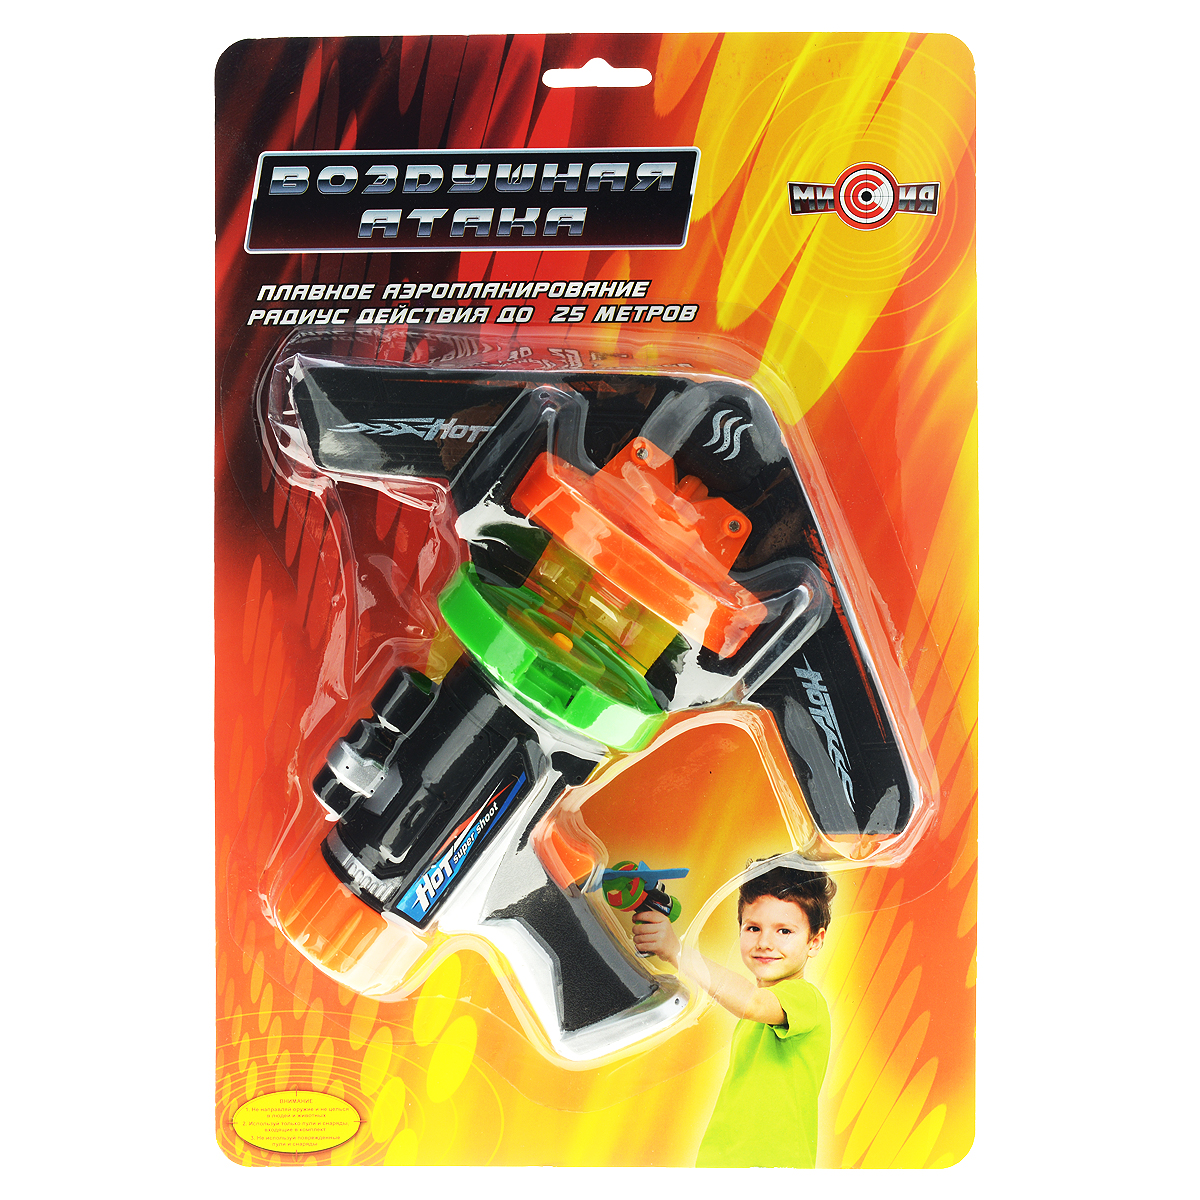 Игрушечное оружие Dream Makers Воздушная атака , цвет: черный, Развлекательные игрушки  - купить со скидкой